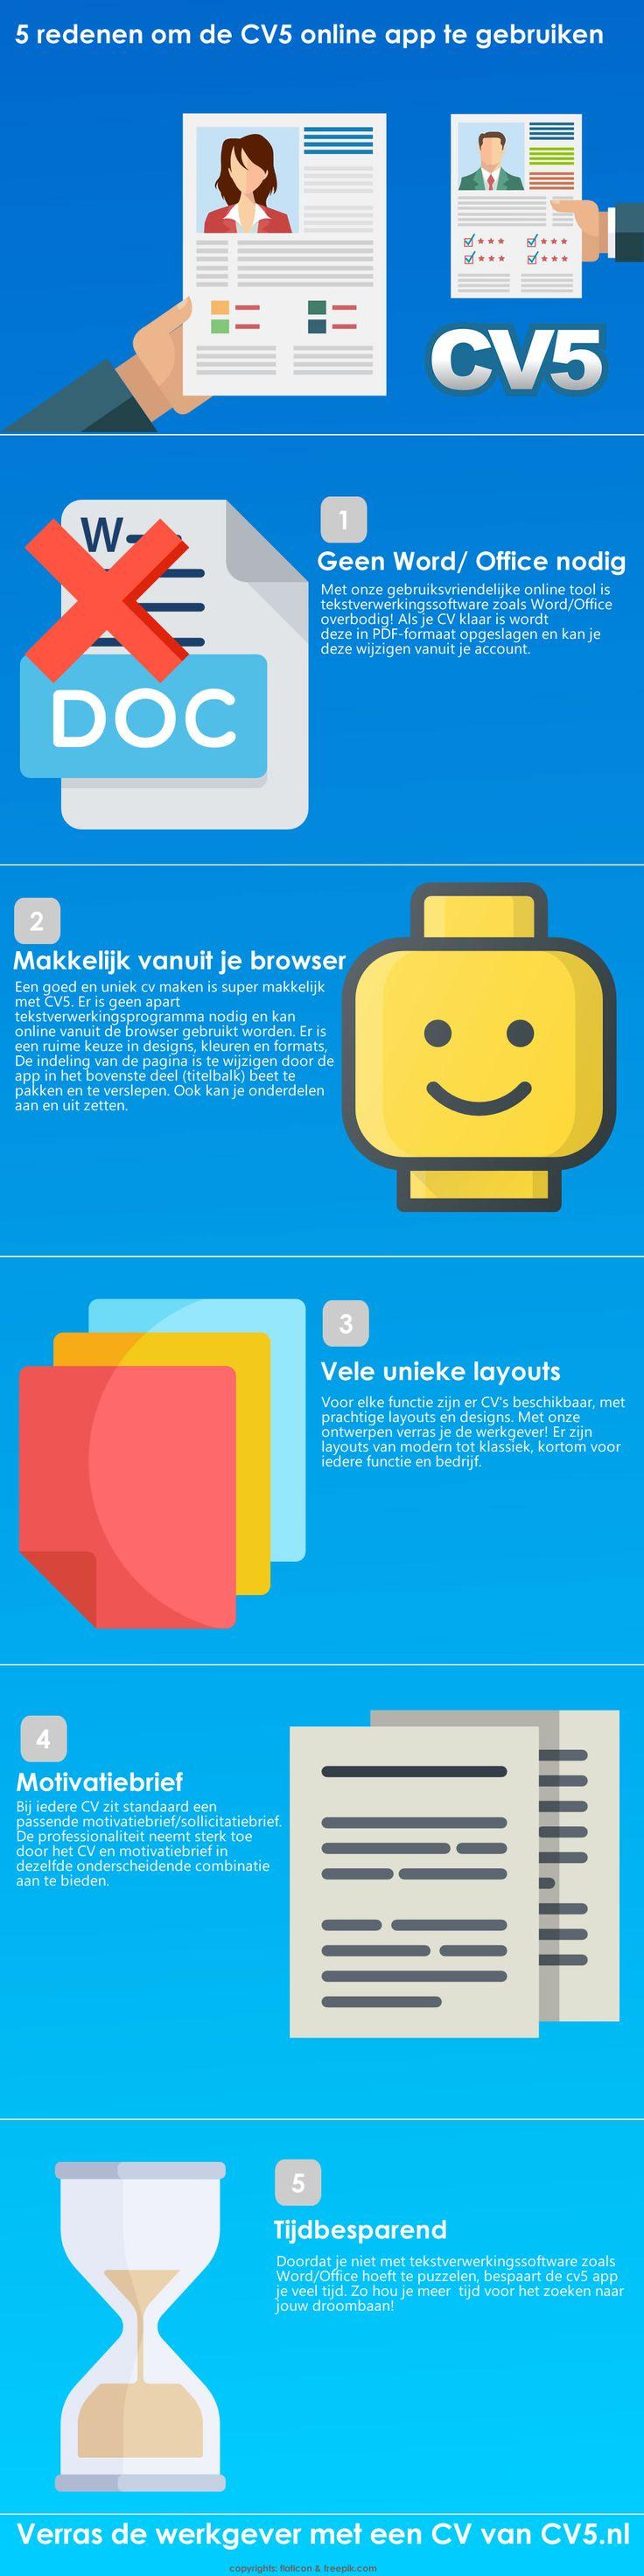 5 redenen om de CV5 online app te gebruiken